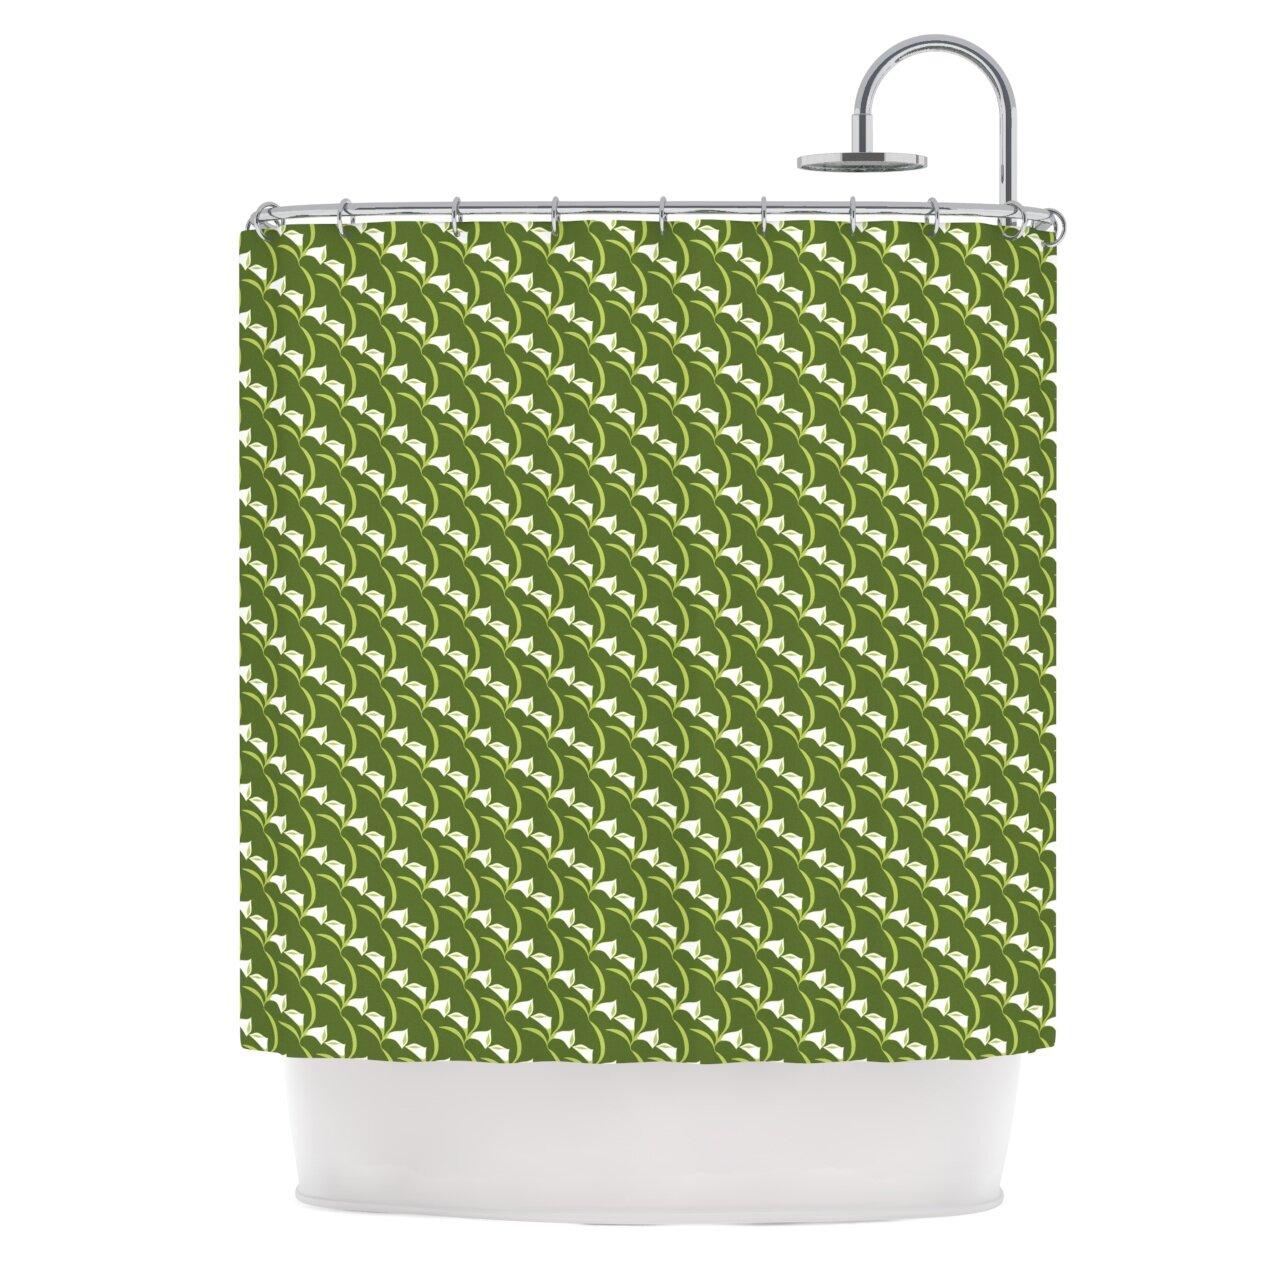 Bon East Urban Home Deco Calla Lily Shower Curtain | Wayfair